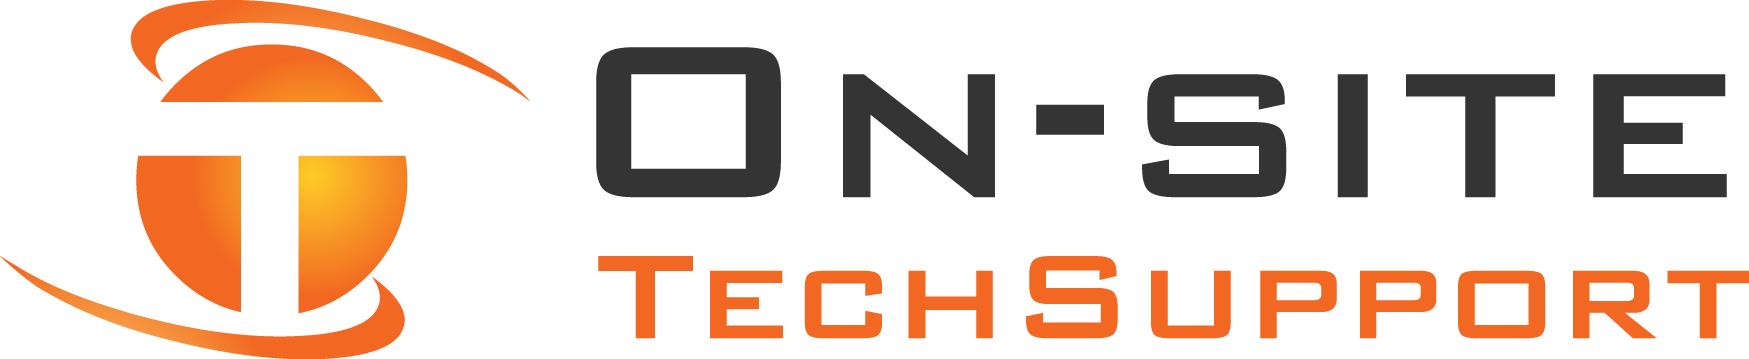 Site Tech Support Logo Wallpaper